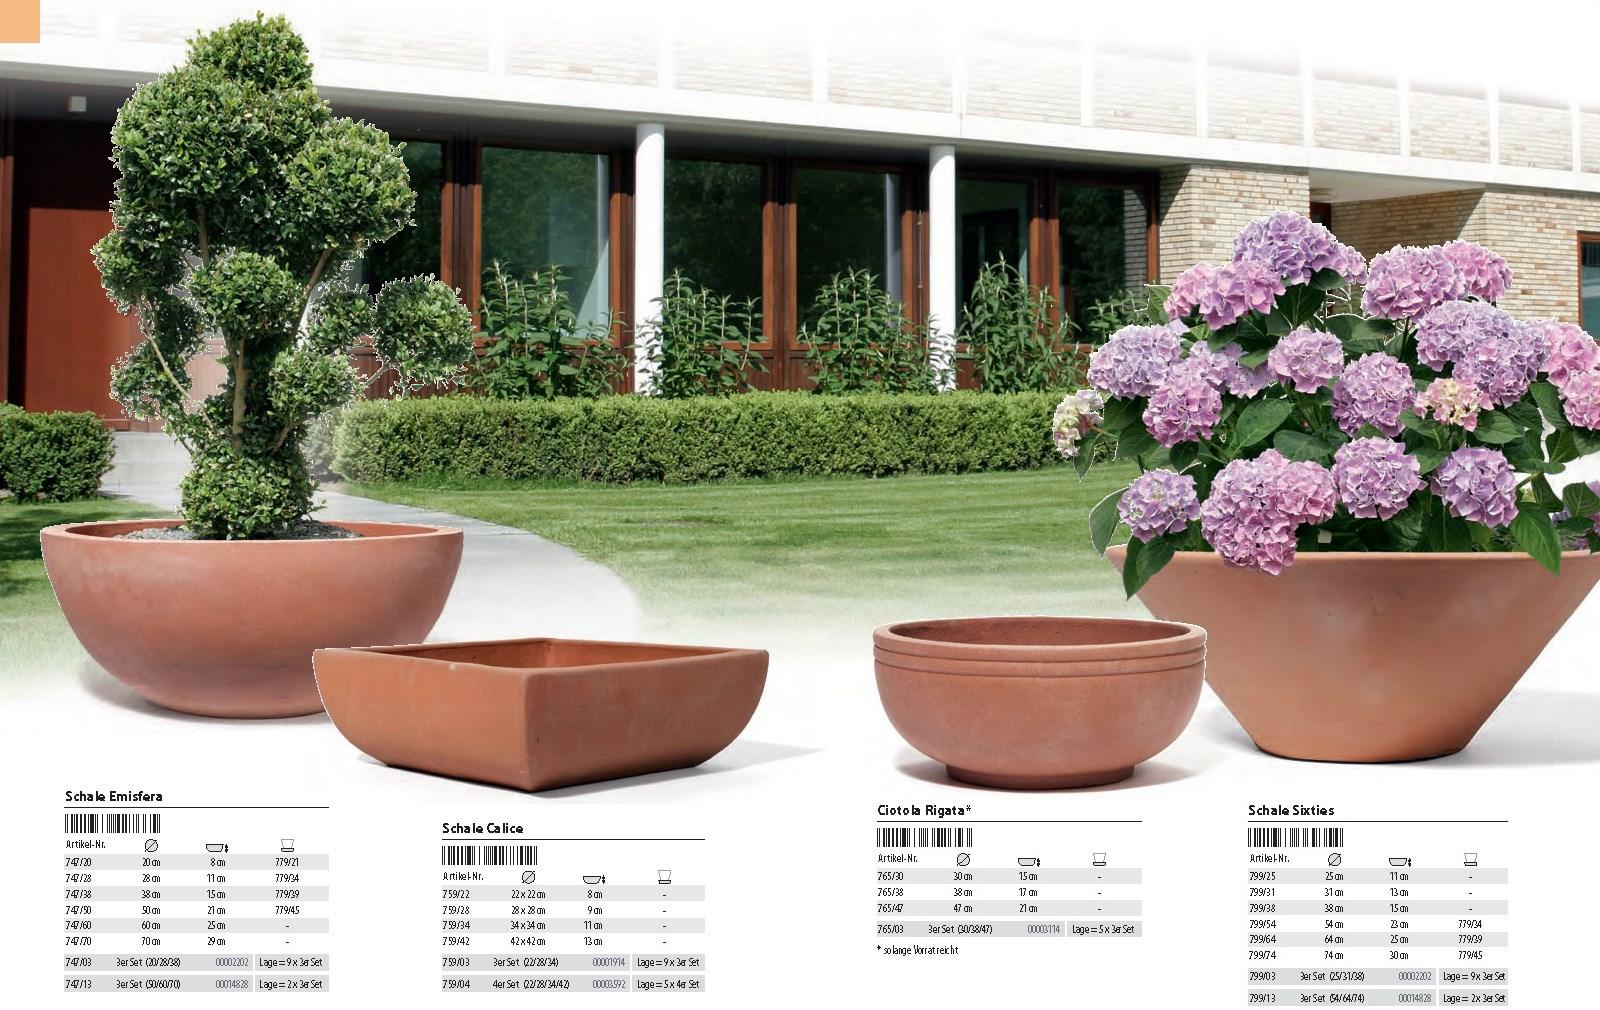 kirschke-terra-durra-terracotta-keramik-kubel-stimmungsbild-2